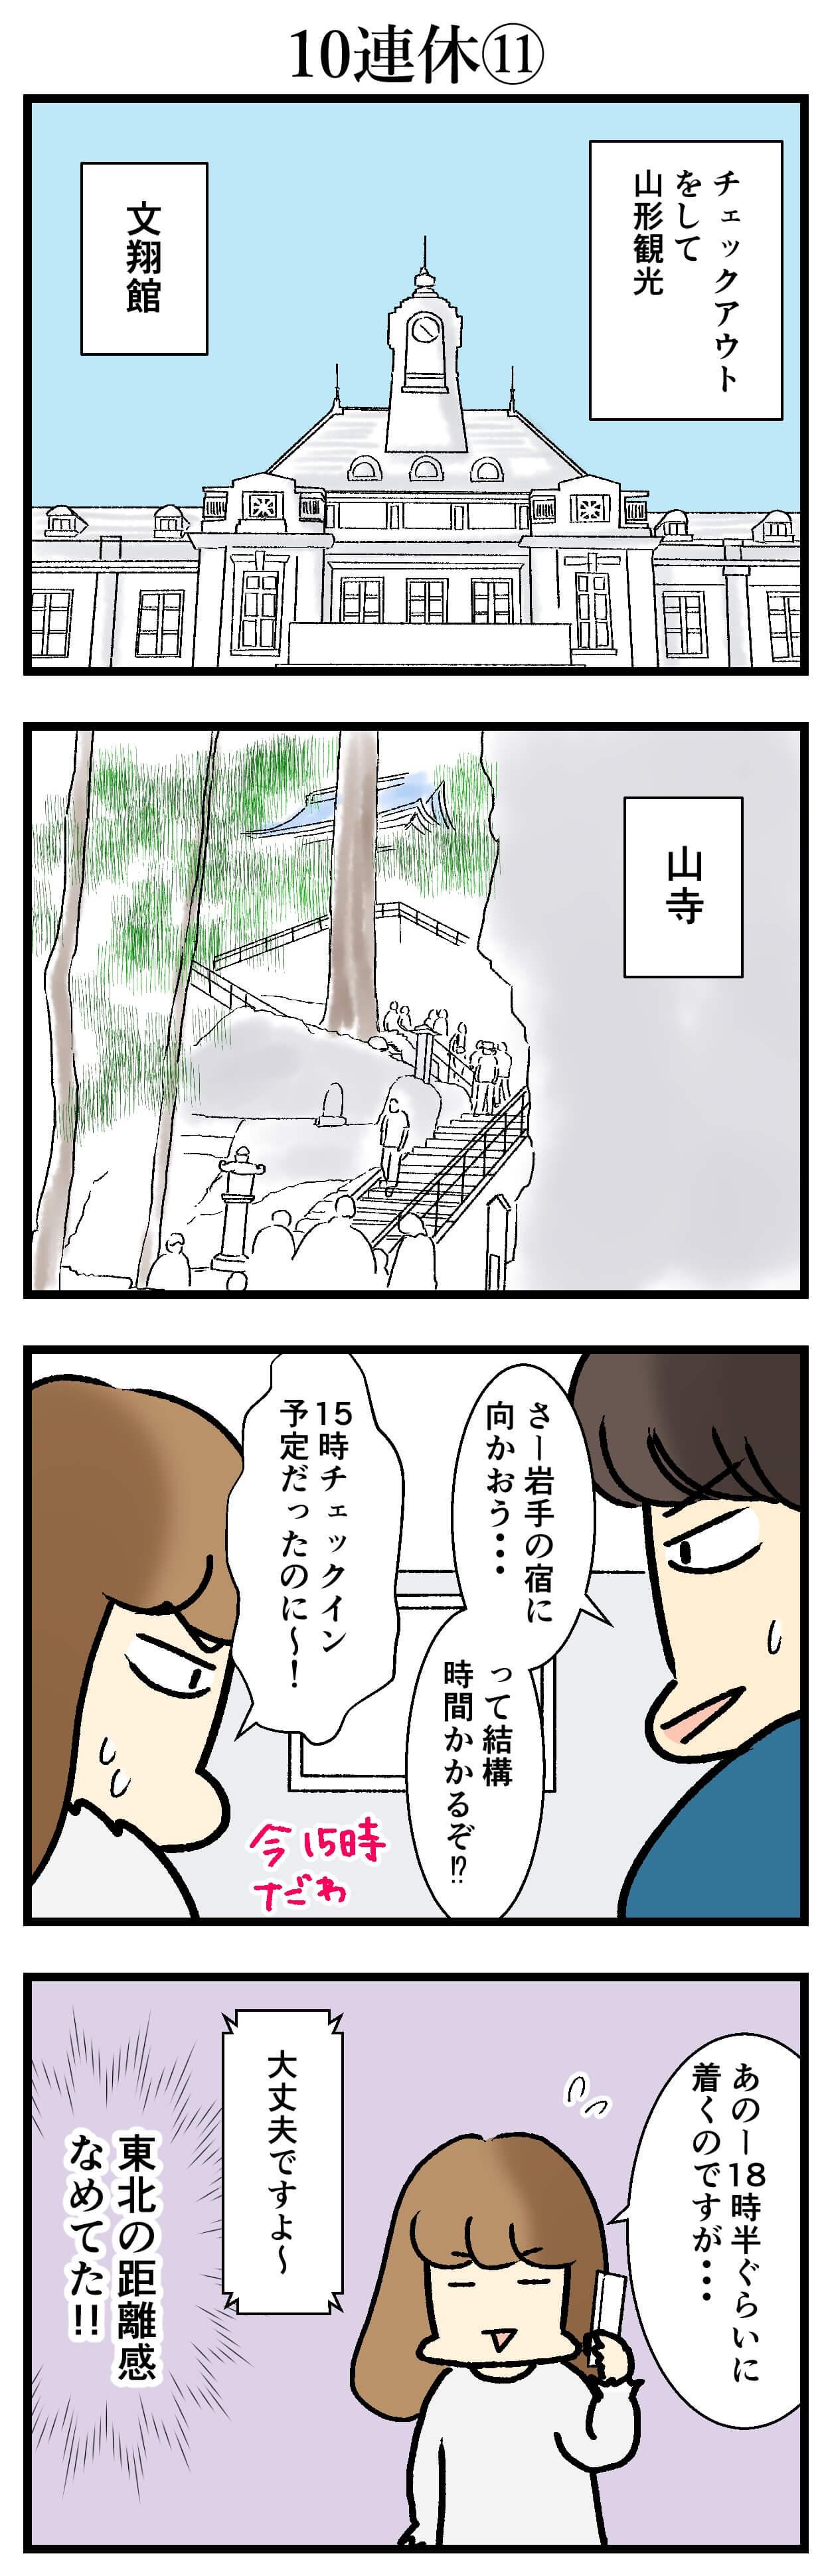 【エッセイ漫画】アラサー主婦くま子のふがいない日常(119)